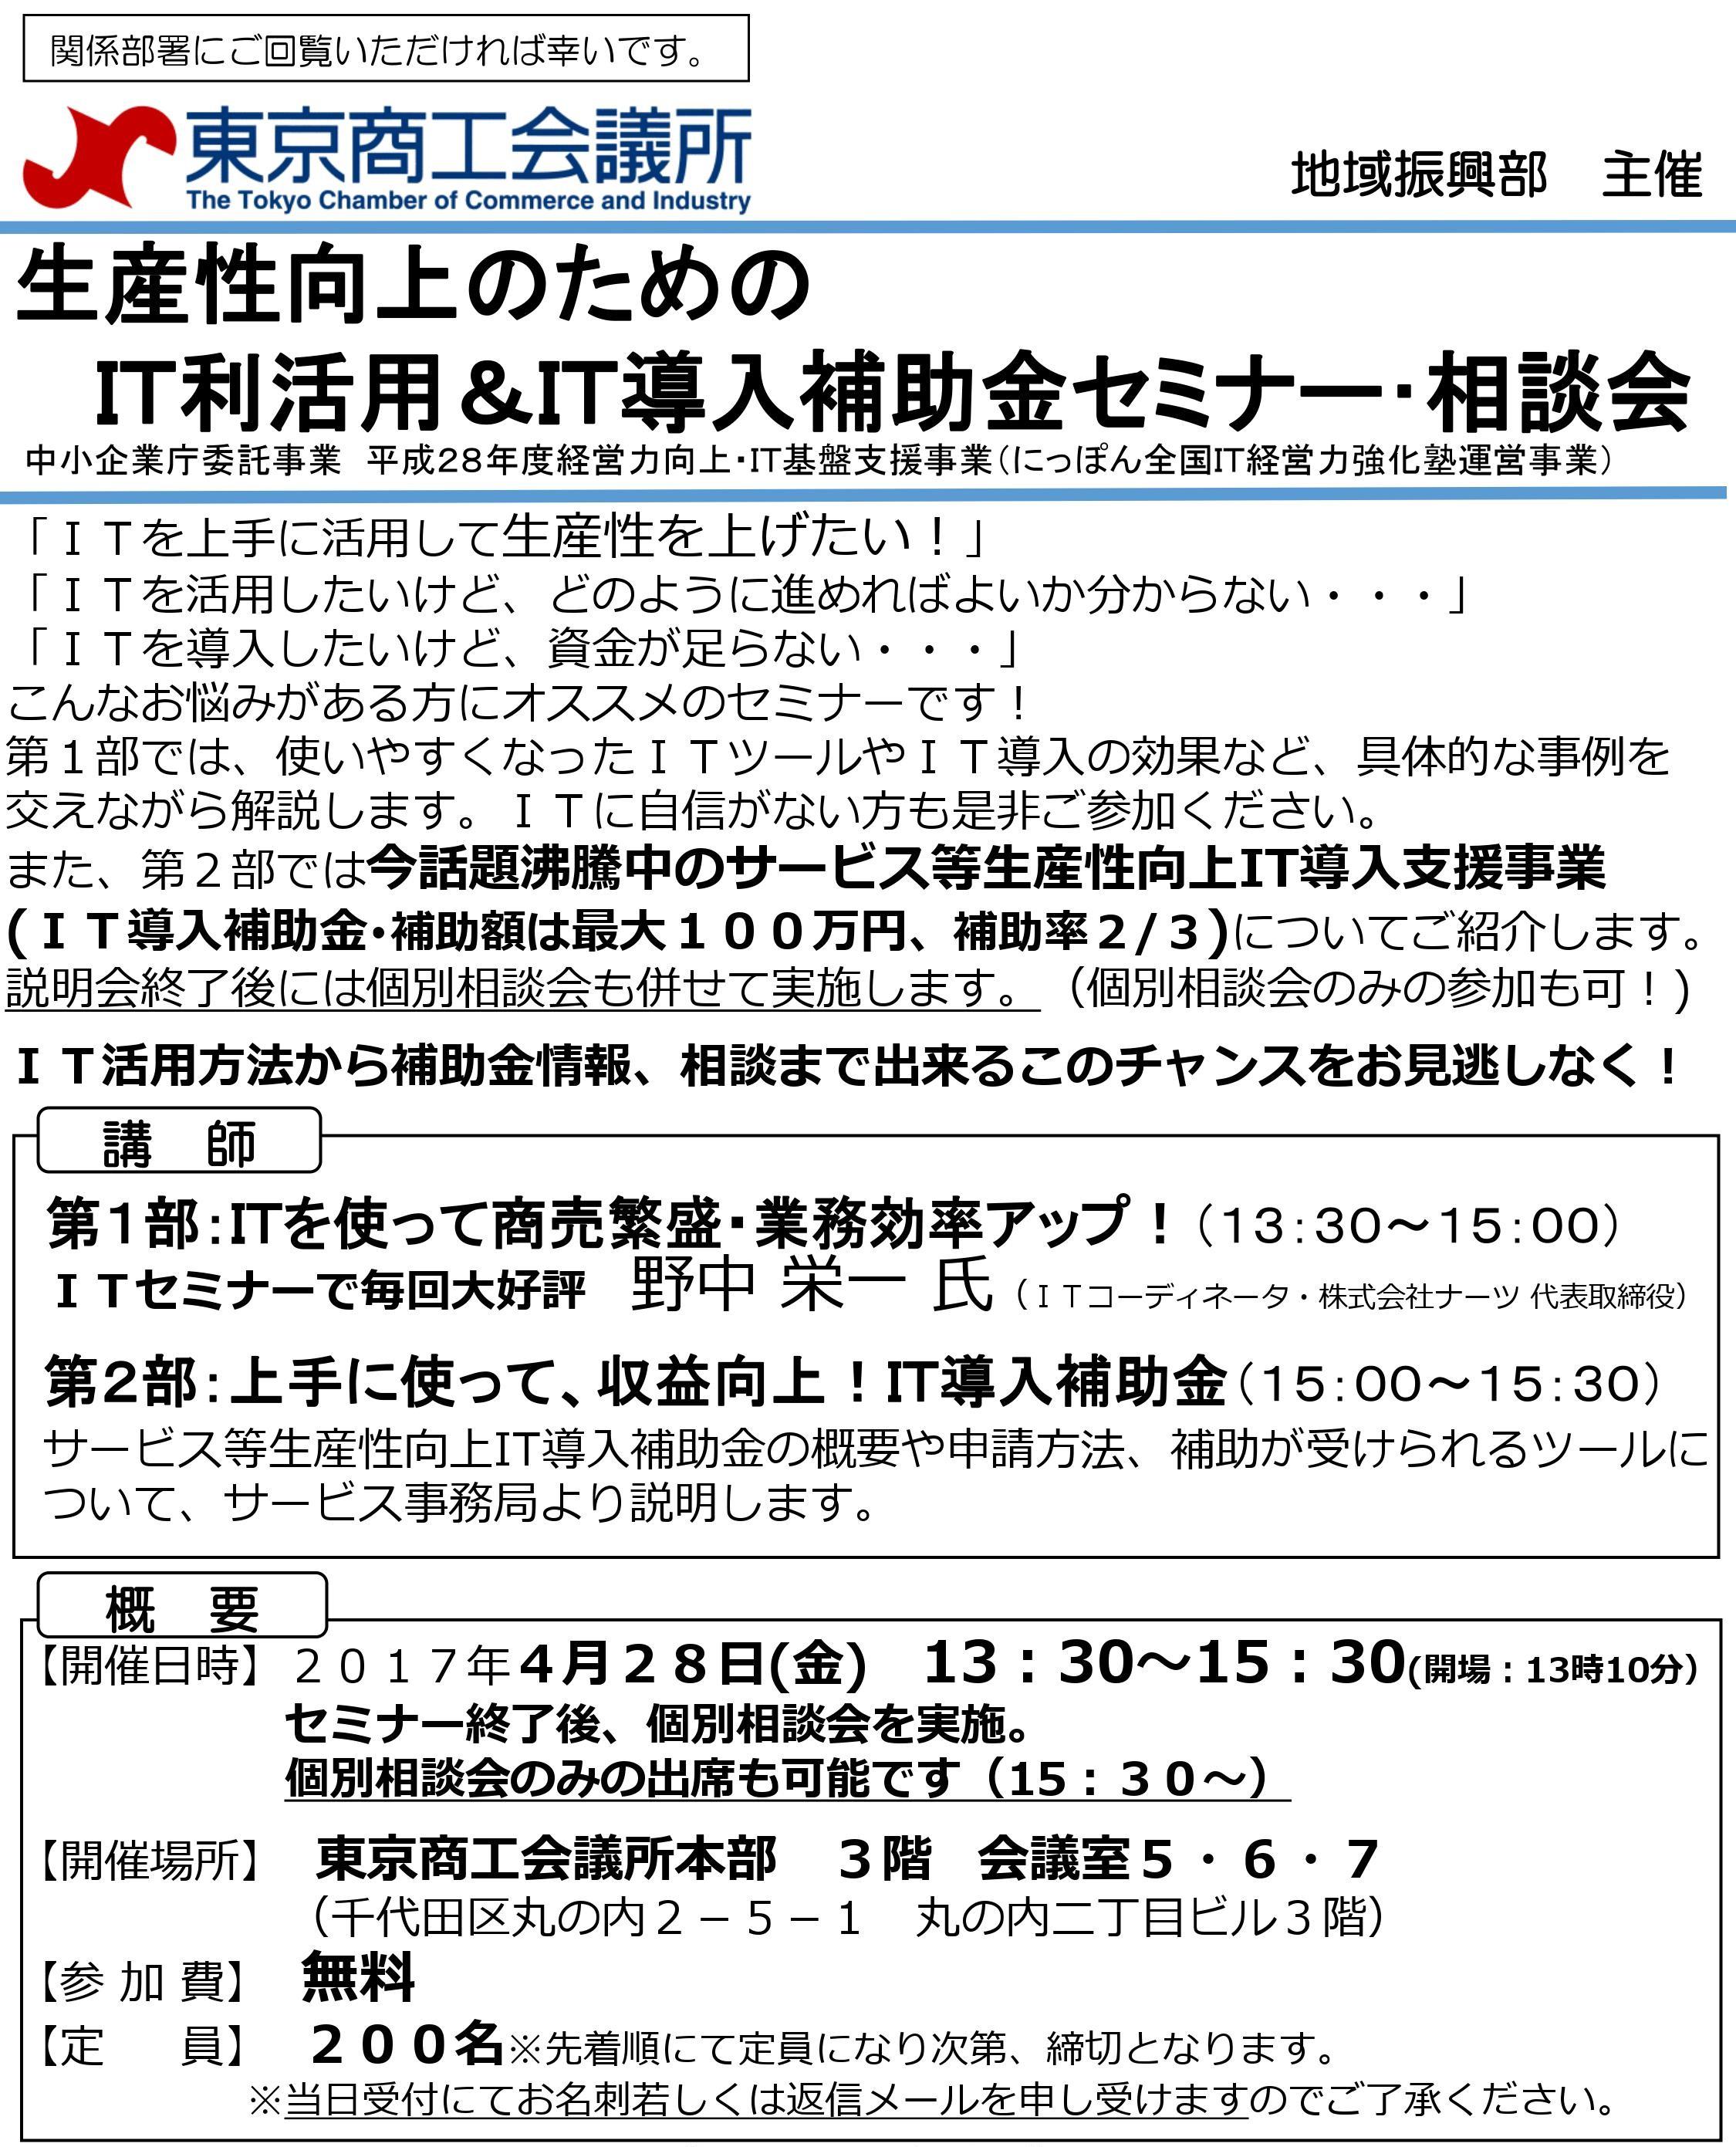 4月28日東京商工会議所本部